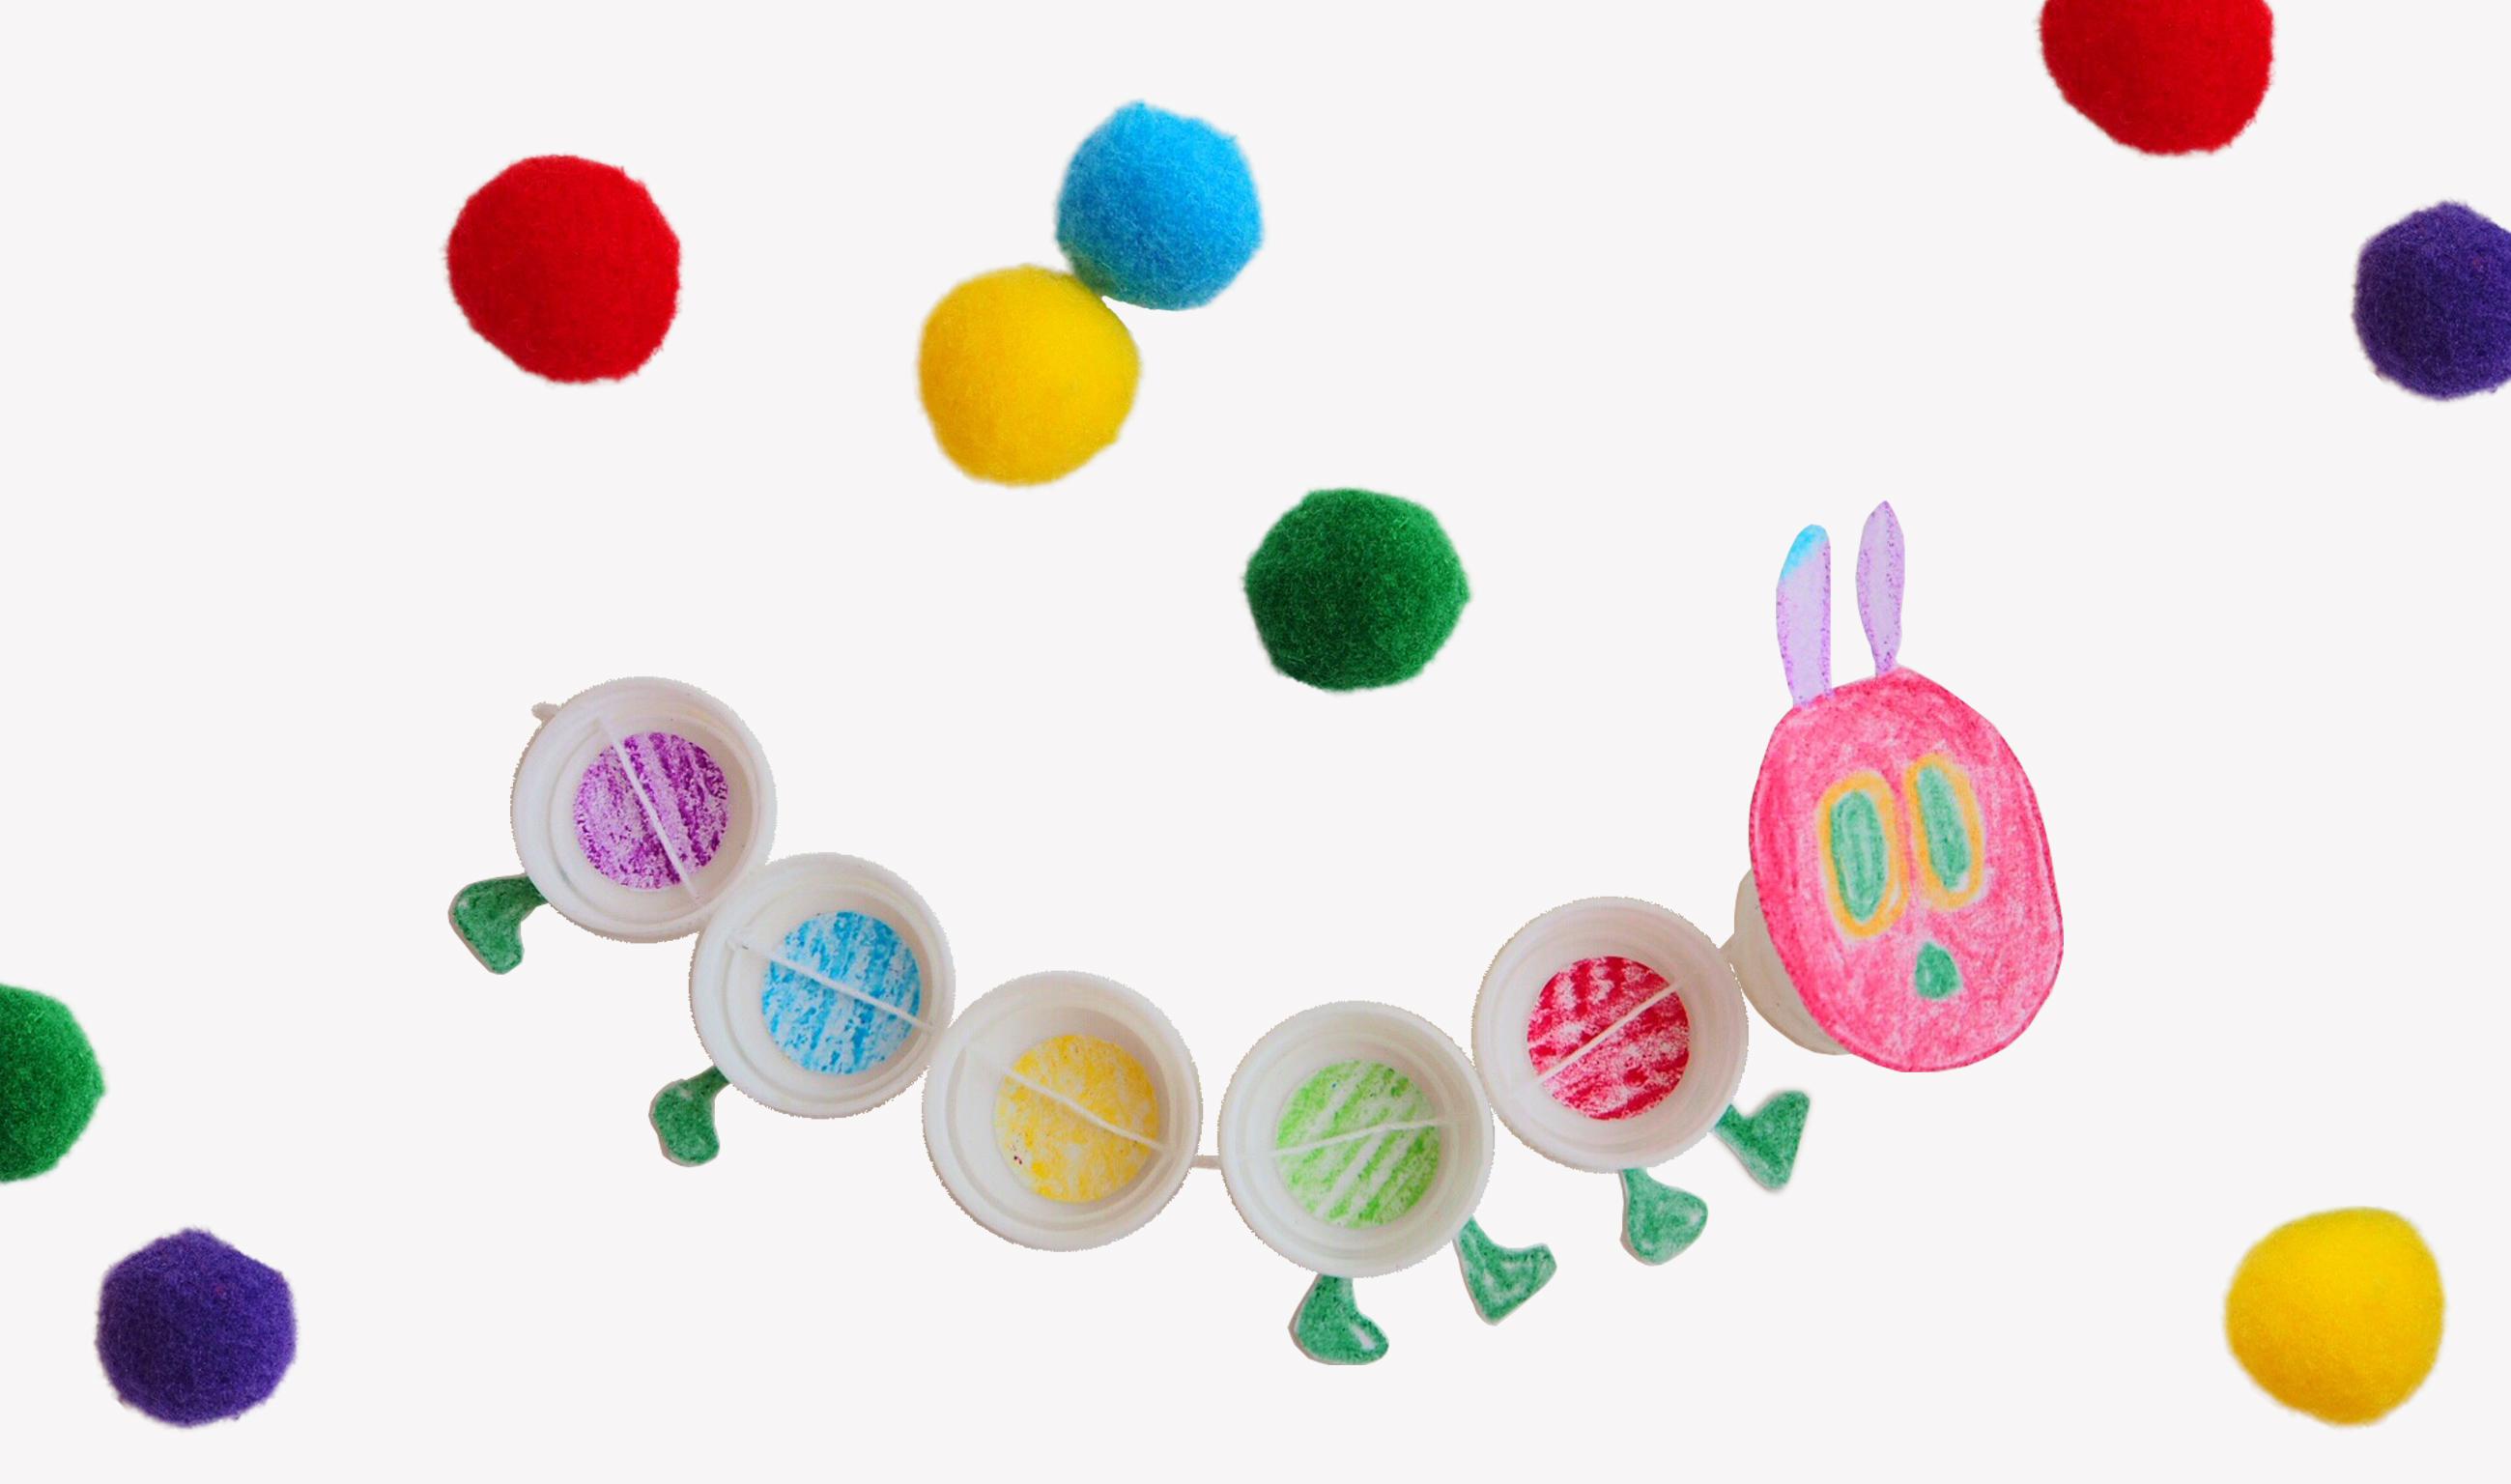 自製 瓶蓋玩具 -毛球毛蟲 DIY Toy Pom-a-pillar